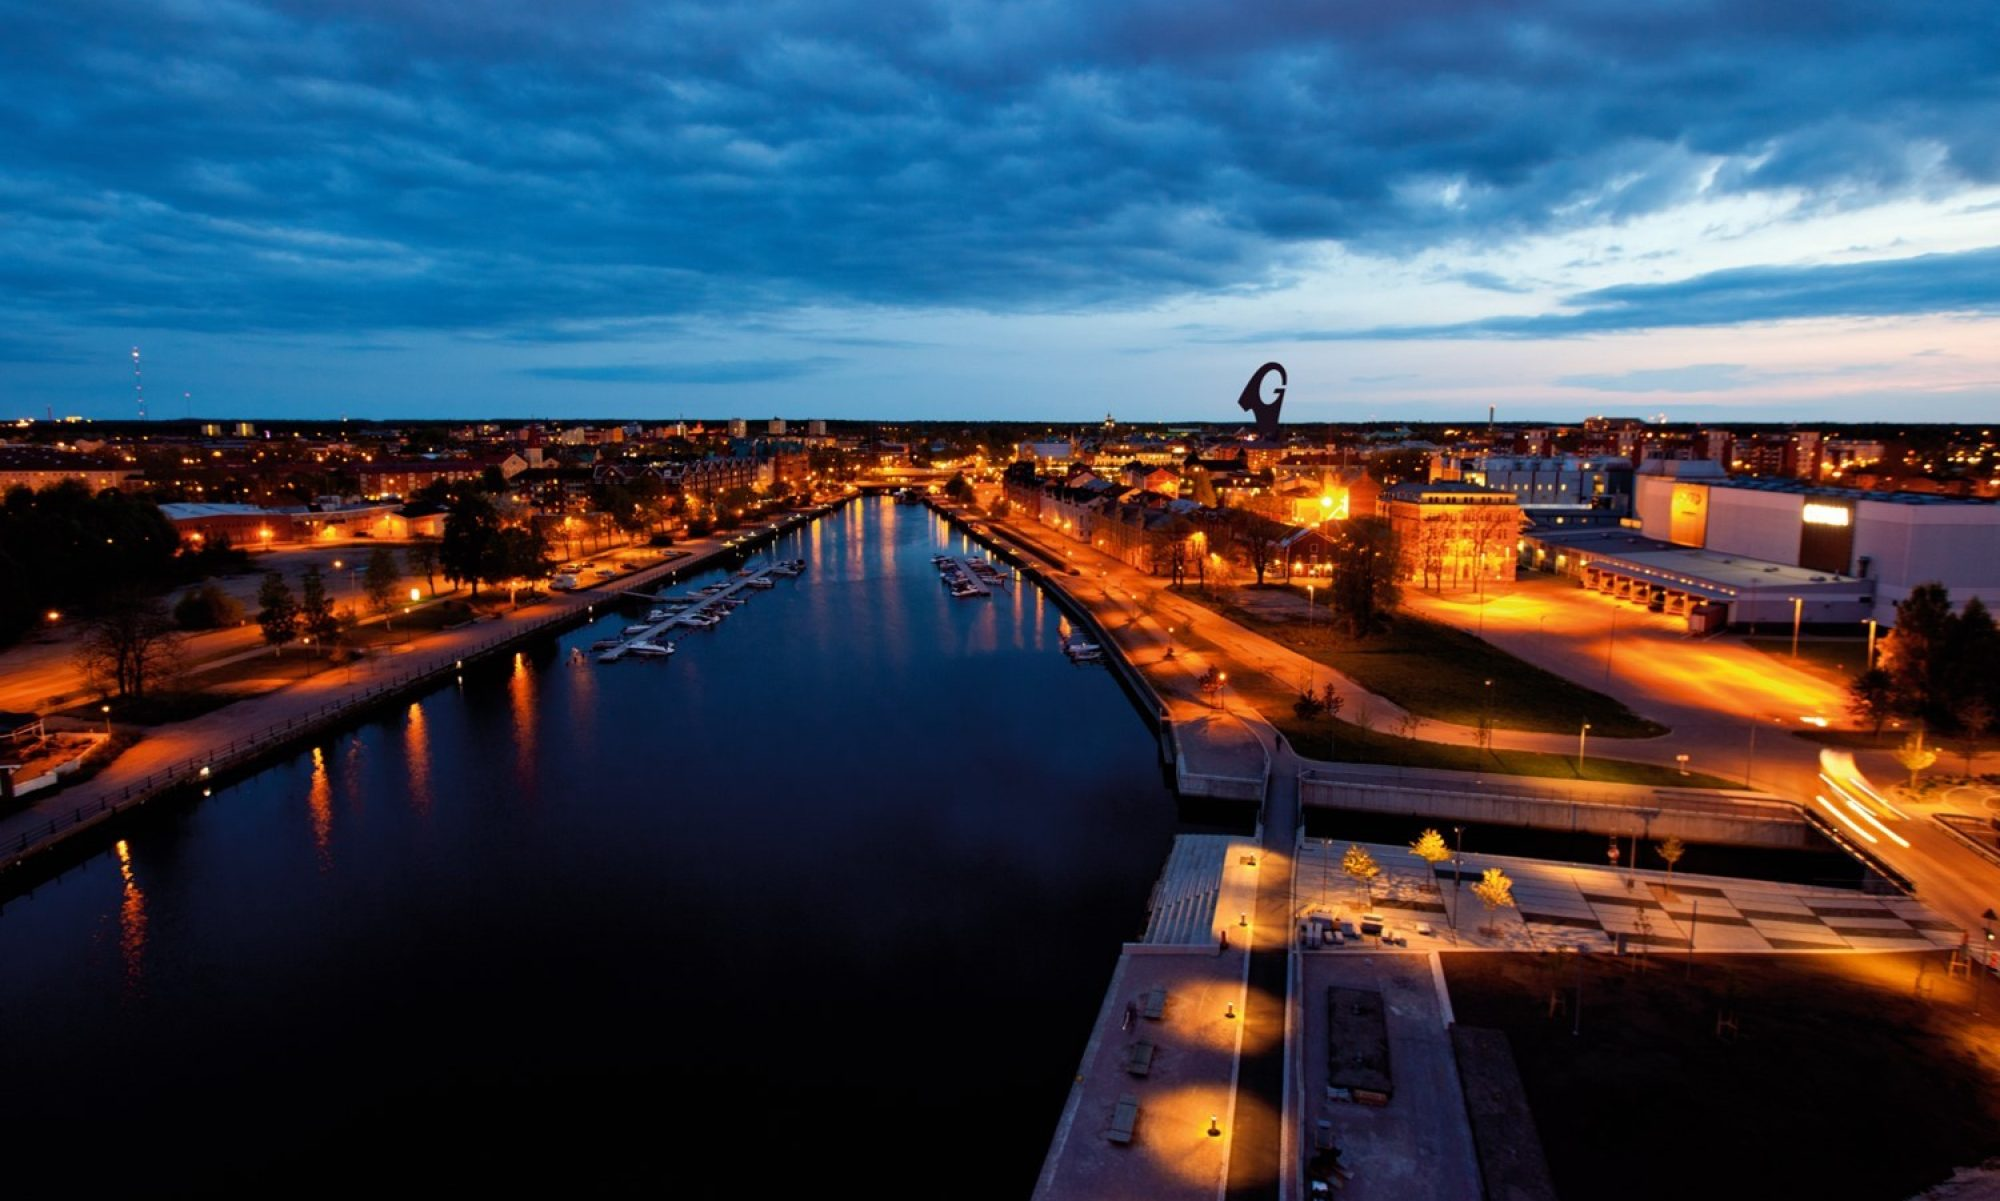 Det goda livet i Gävle 2030 - inom ramen för ett jordklot